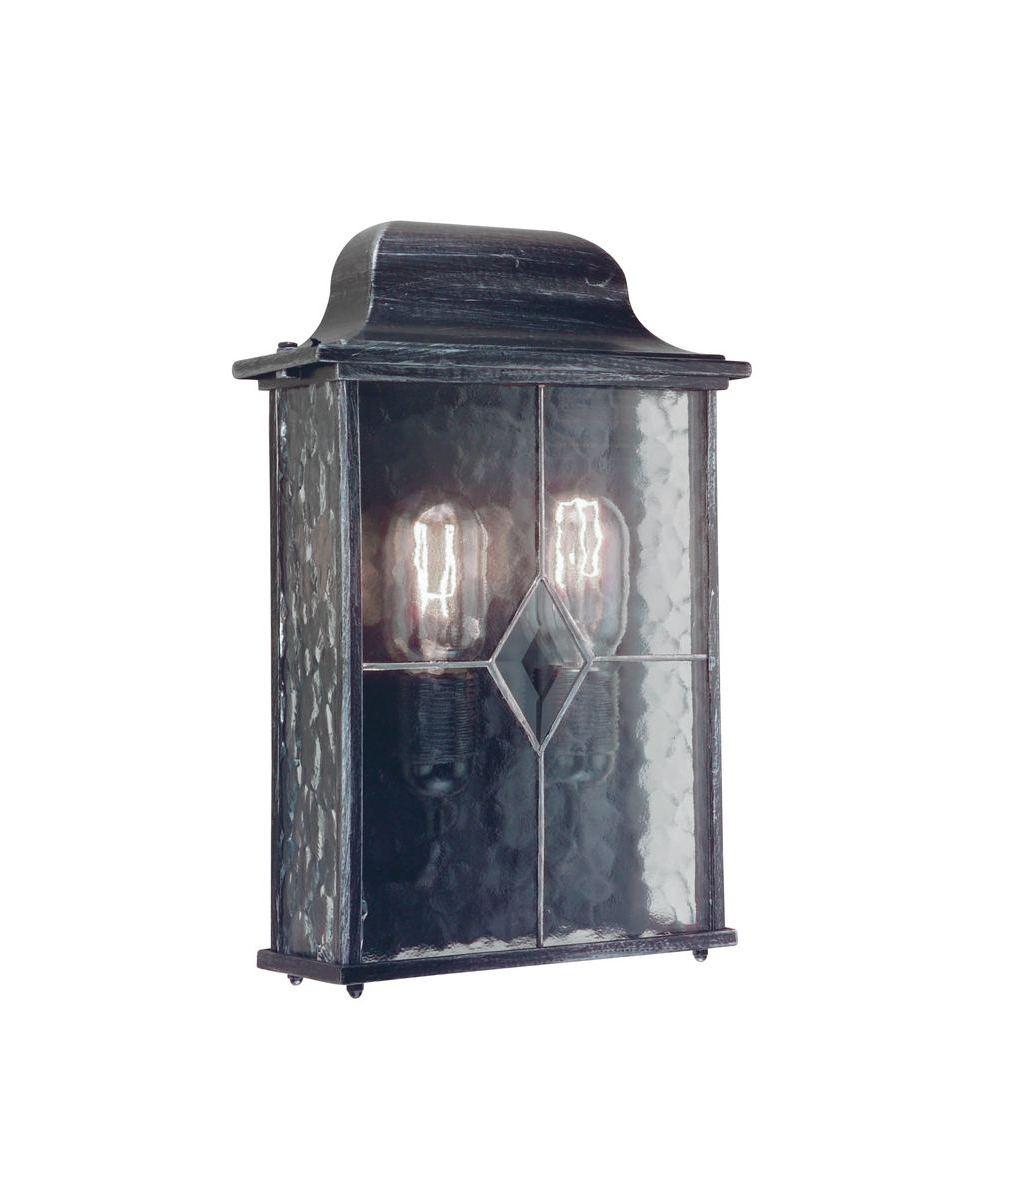 Twin Lamp Exterior Wall Light - Shallow Depth- Saving you �8.40